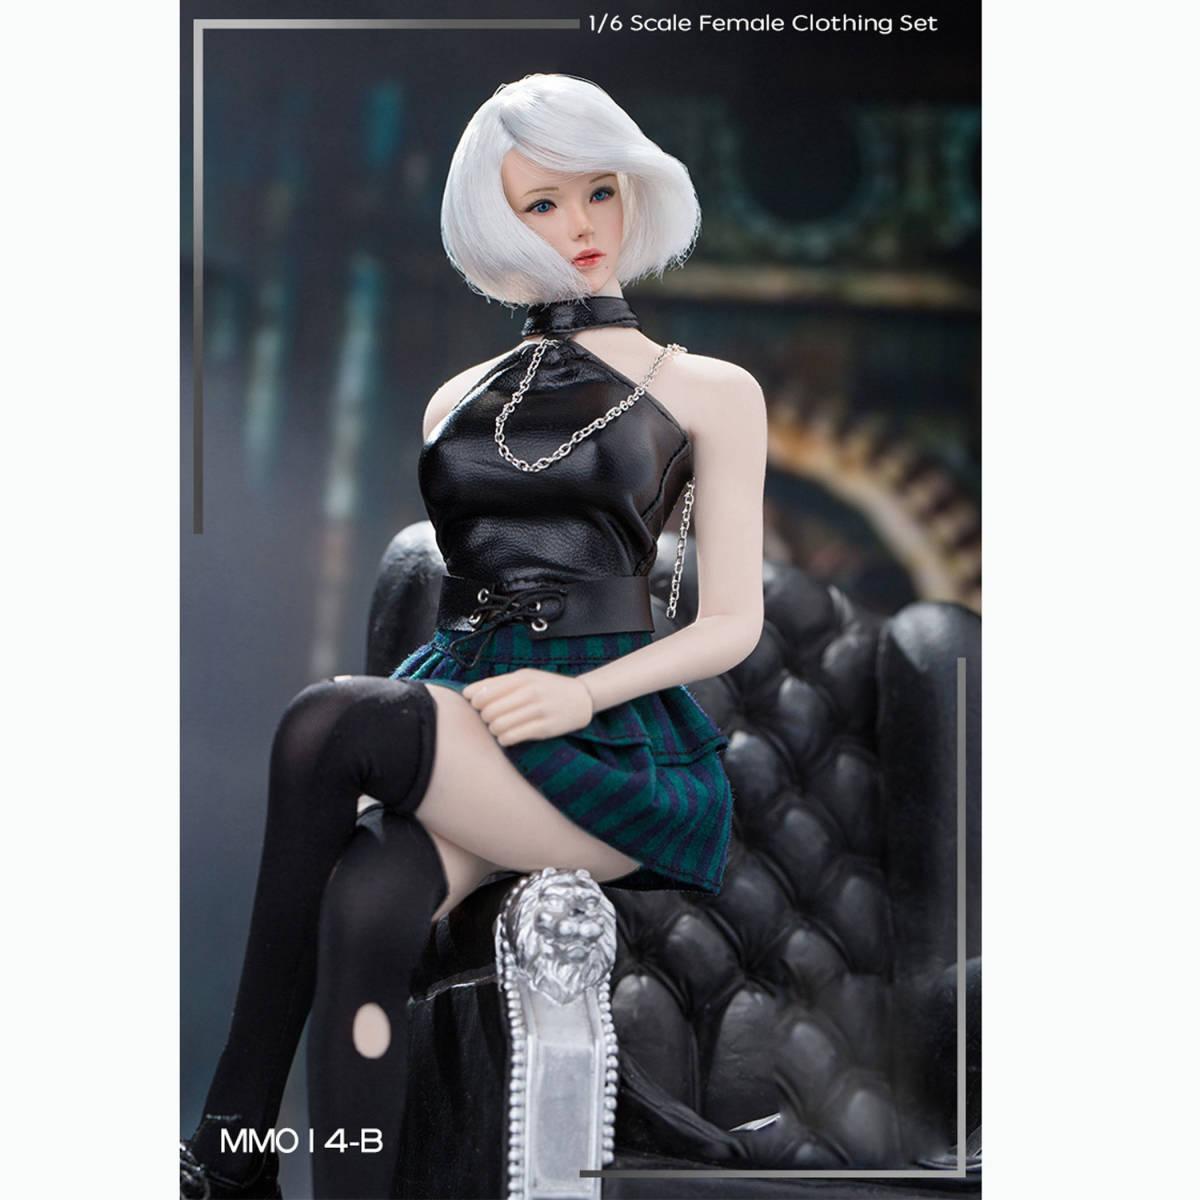 送料無料A26 1/6 サイズ Phicen /BLeague/Jiaou Doll素体対応 女性のファッションスーツ 衣装 7点セット 番号A26_画像3